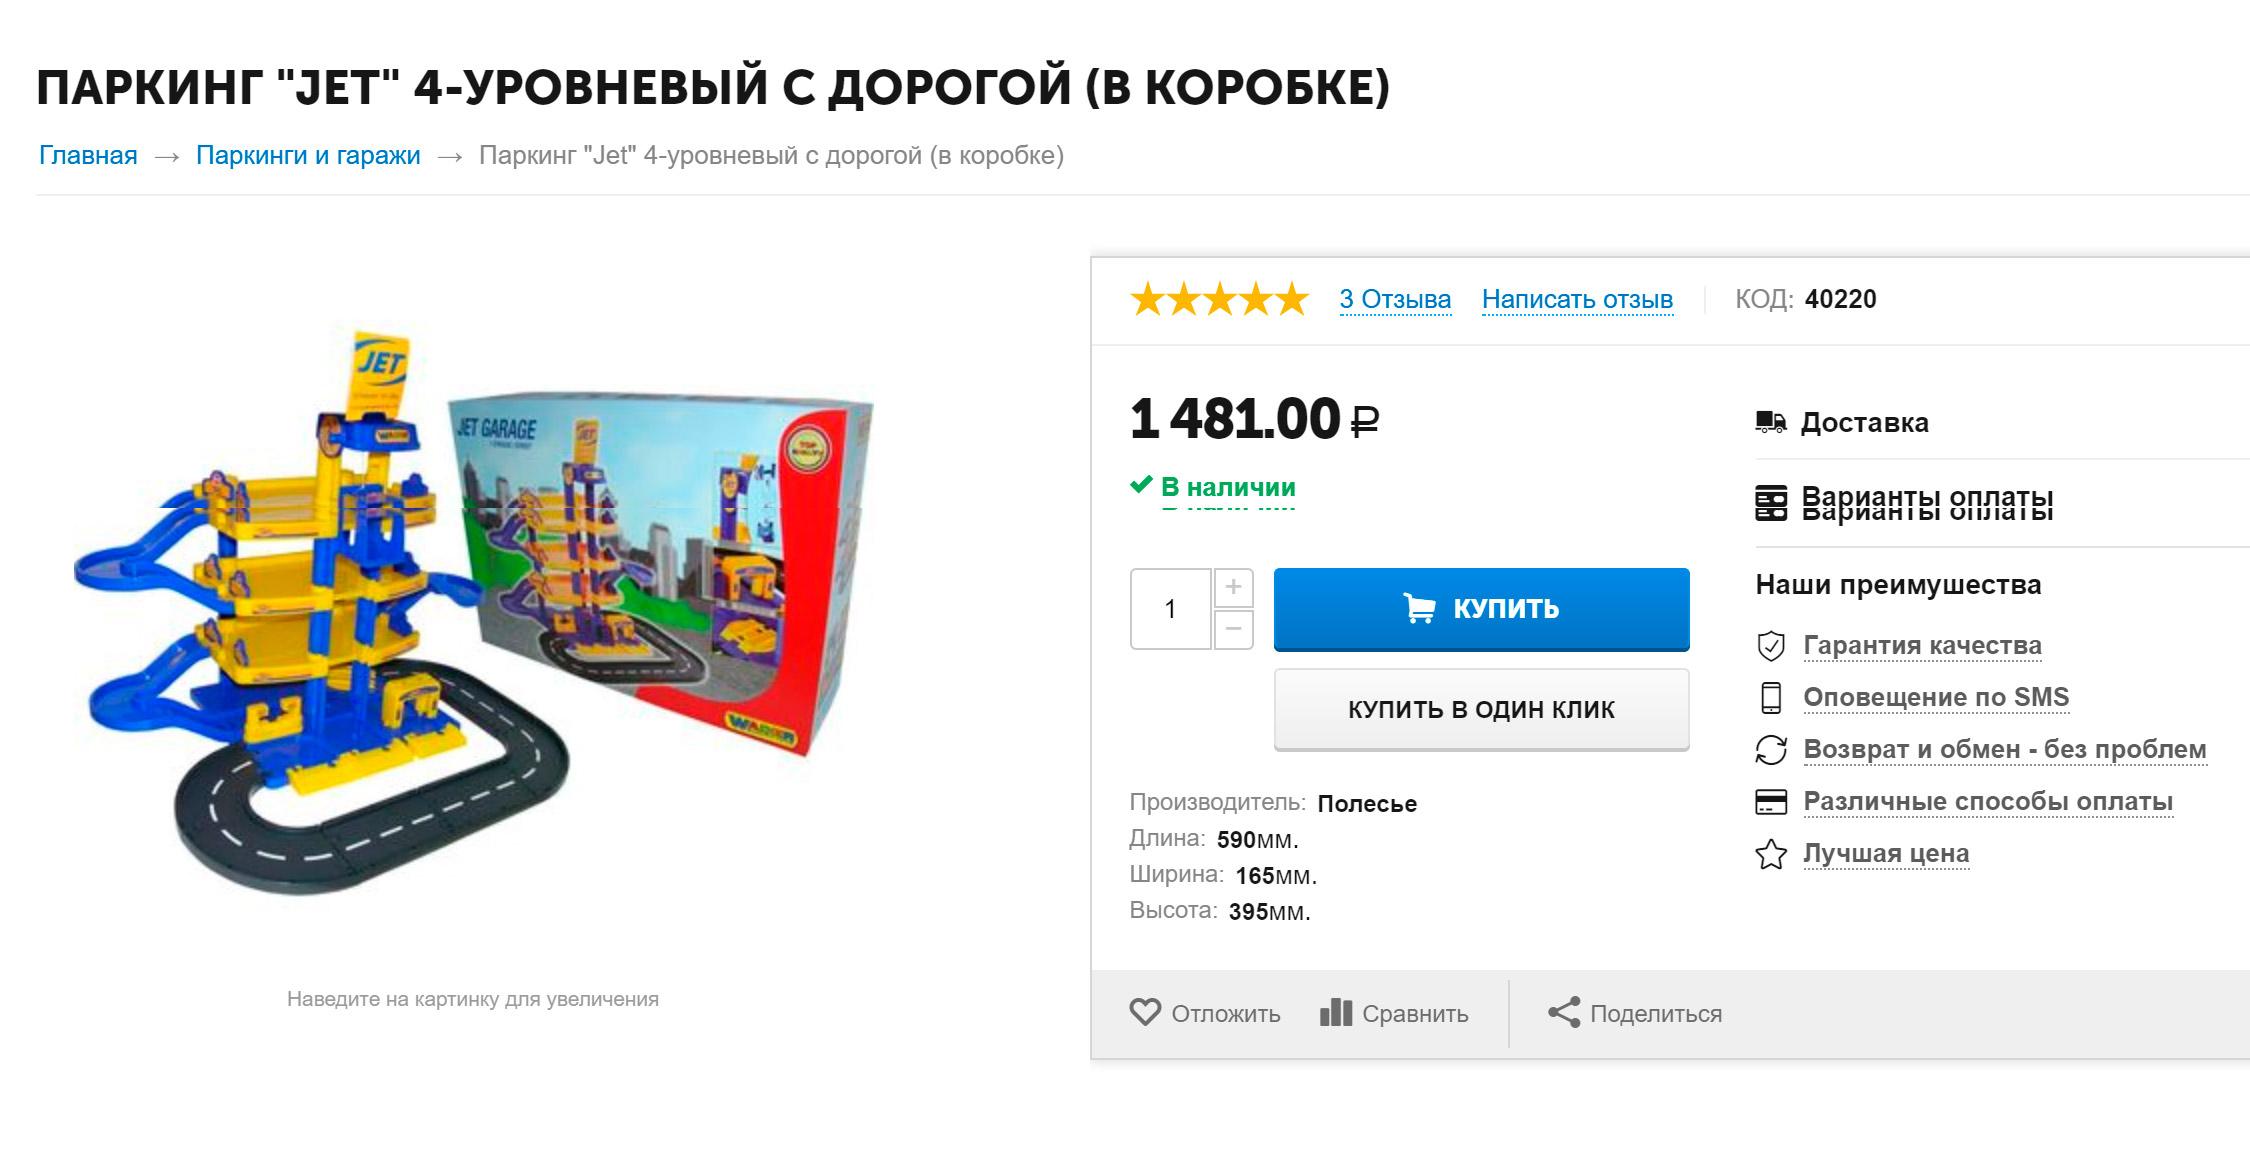 Цена такой же игрушки в магазине